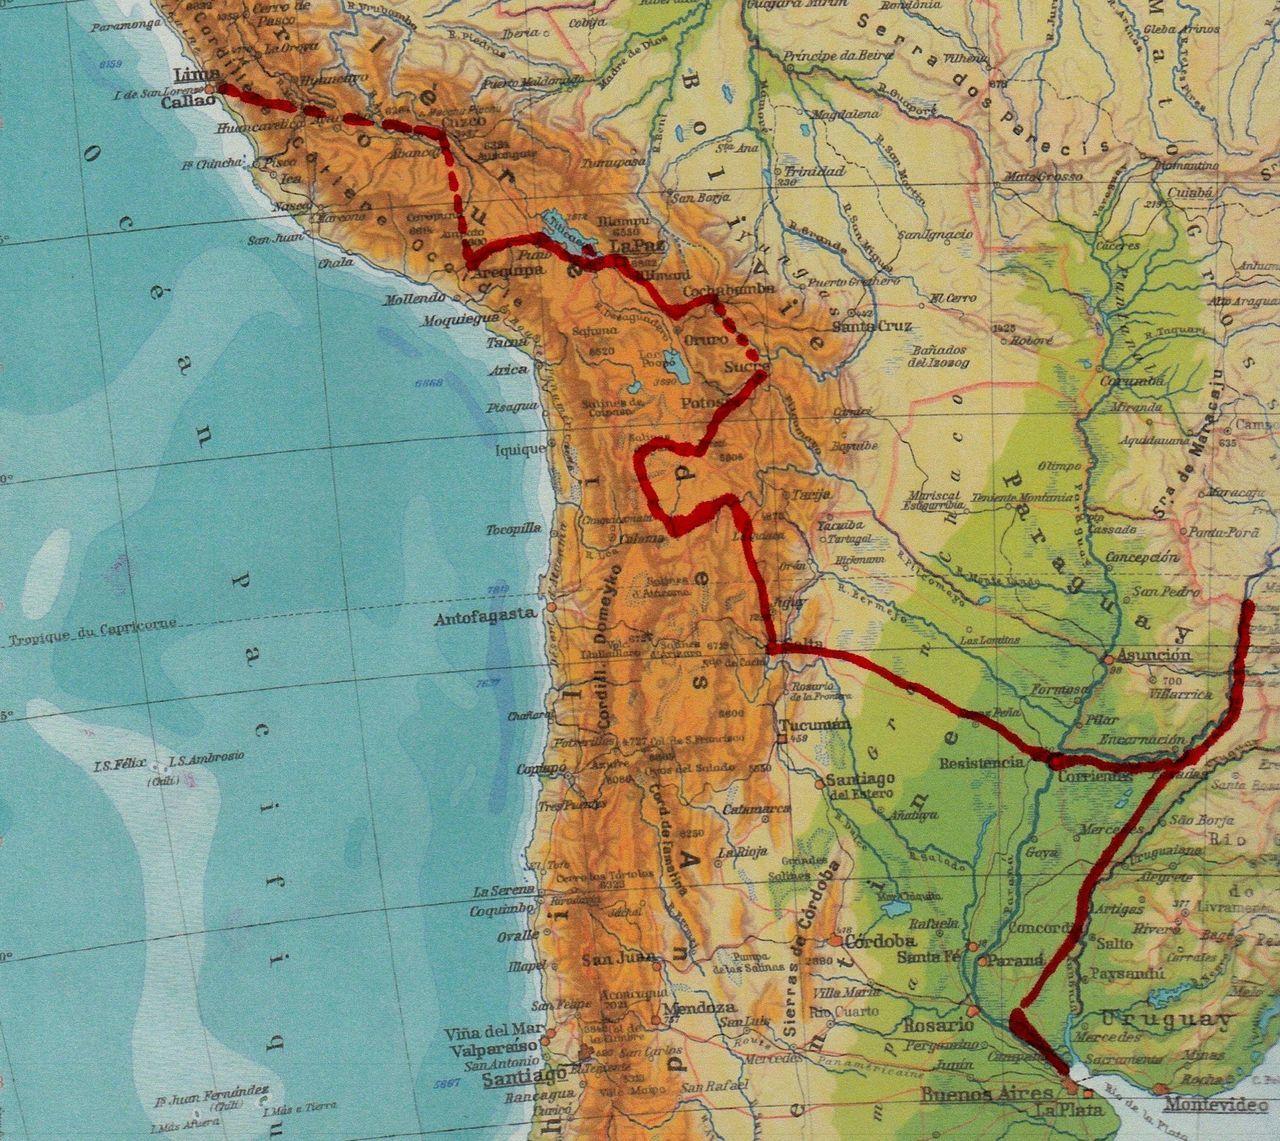 9 semaines en 2014 : départ de Buenos Aires jusqu'à Lima au Pérou en traversant la Bolivie